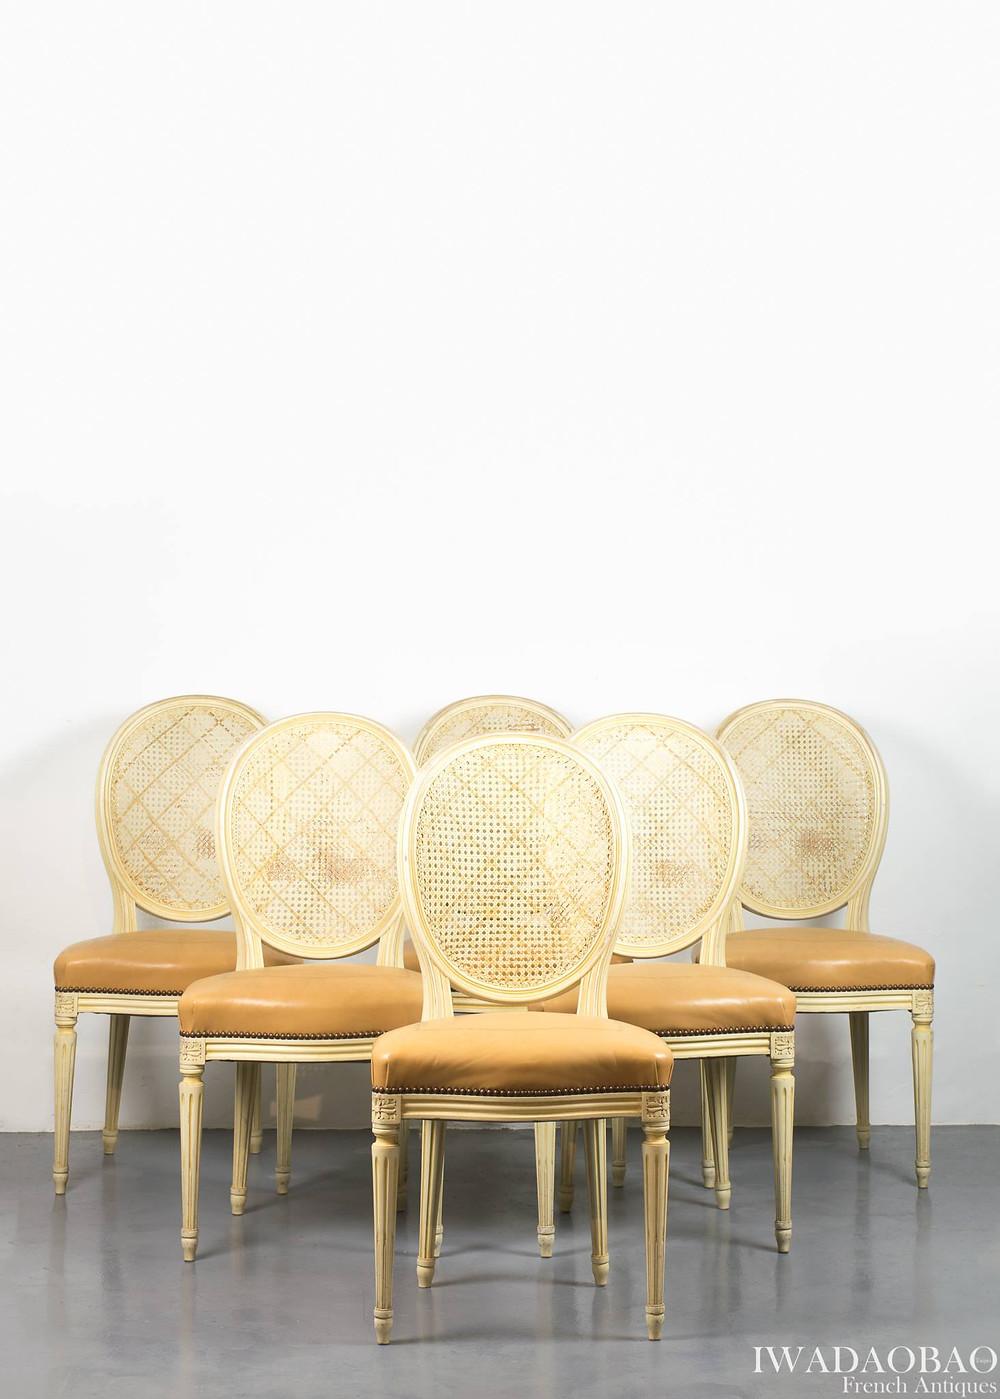 法國路易 XVI 牛皮古董椅